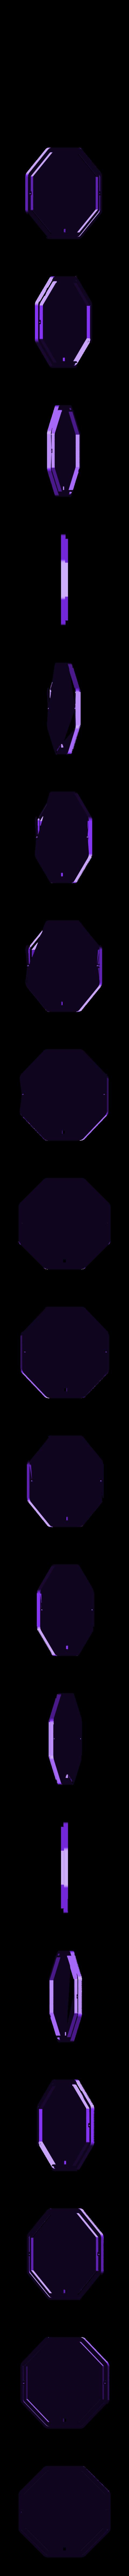 crickit-cover.stl Download free STL file Crickit Paddle Wheel Boat • 3D printer design, Adafruit